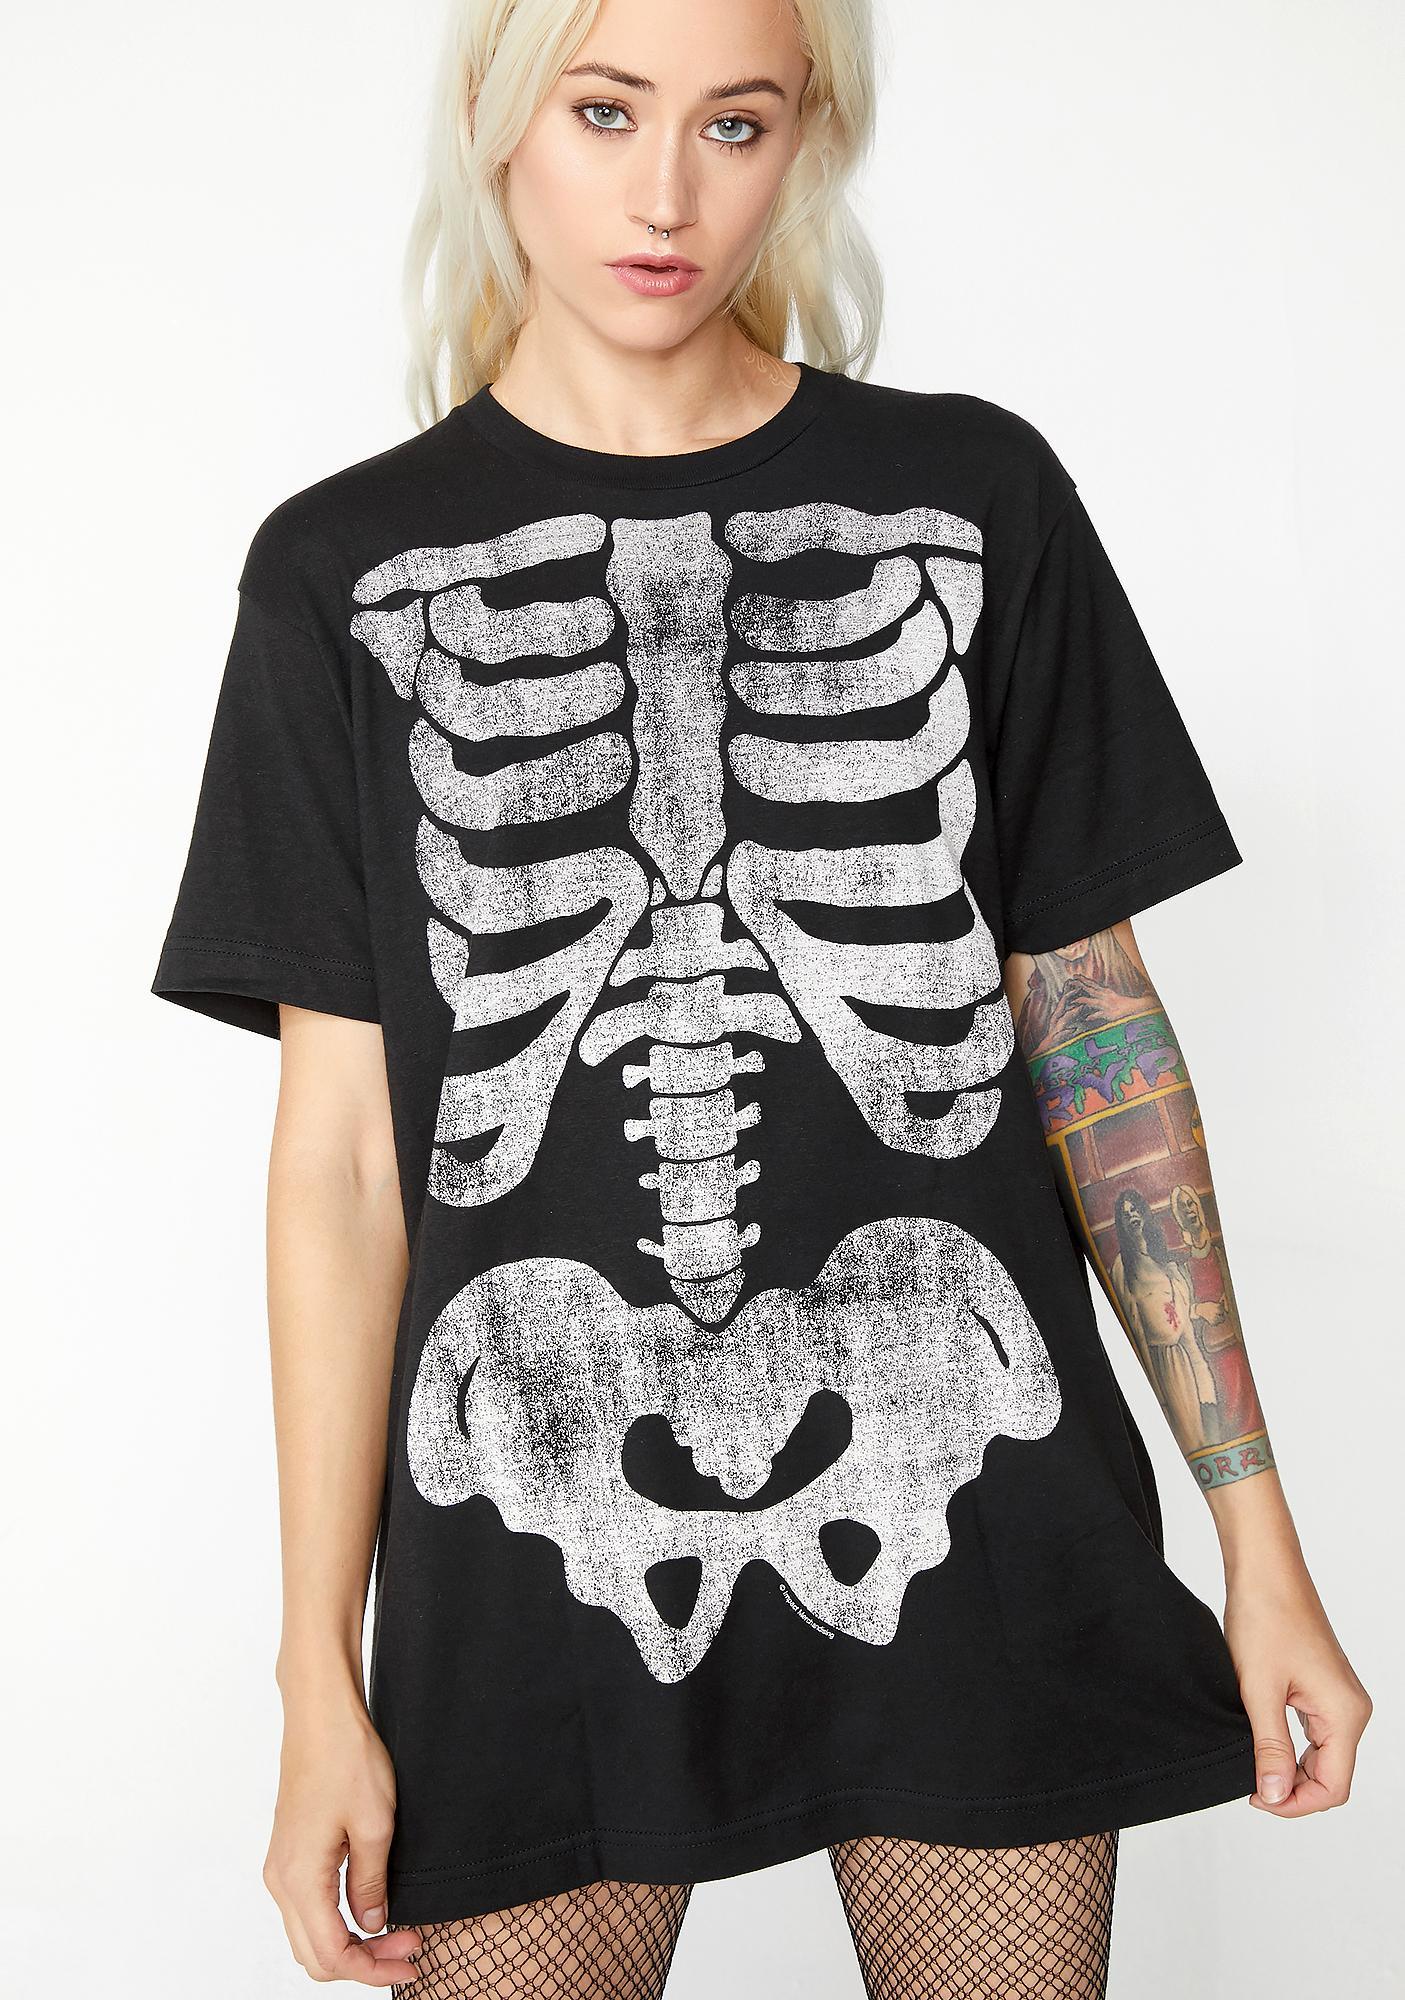 Bag Of Bones Graphic Tee